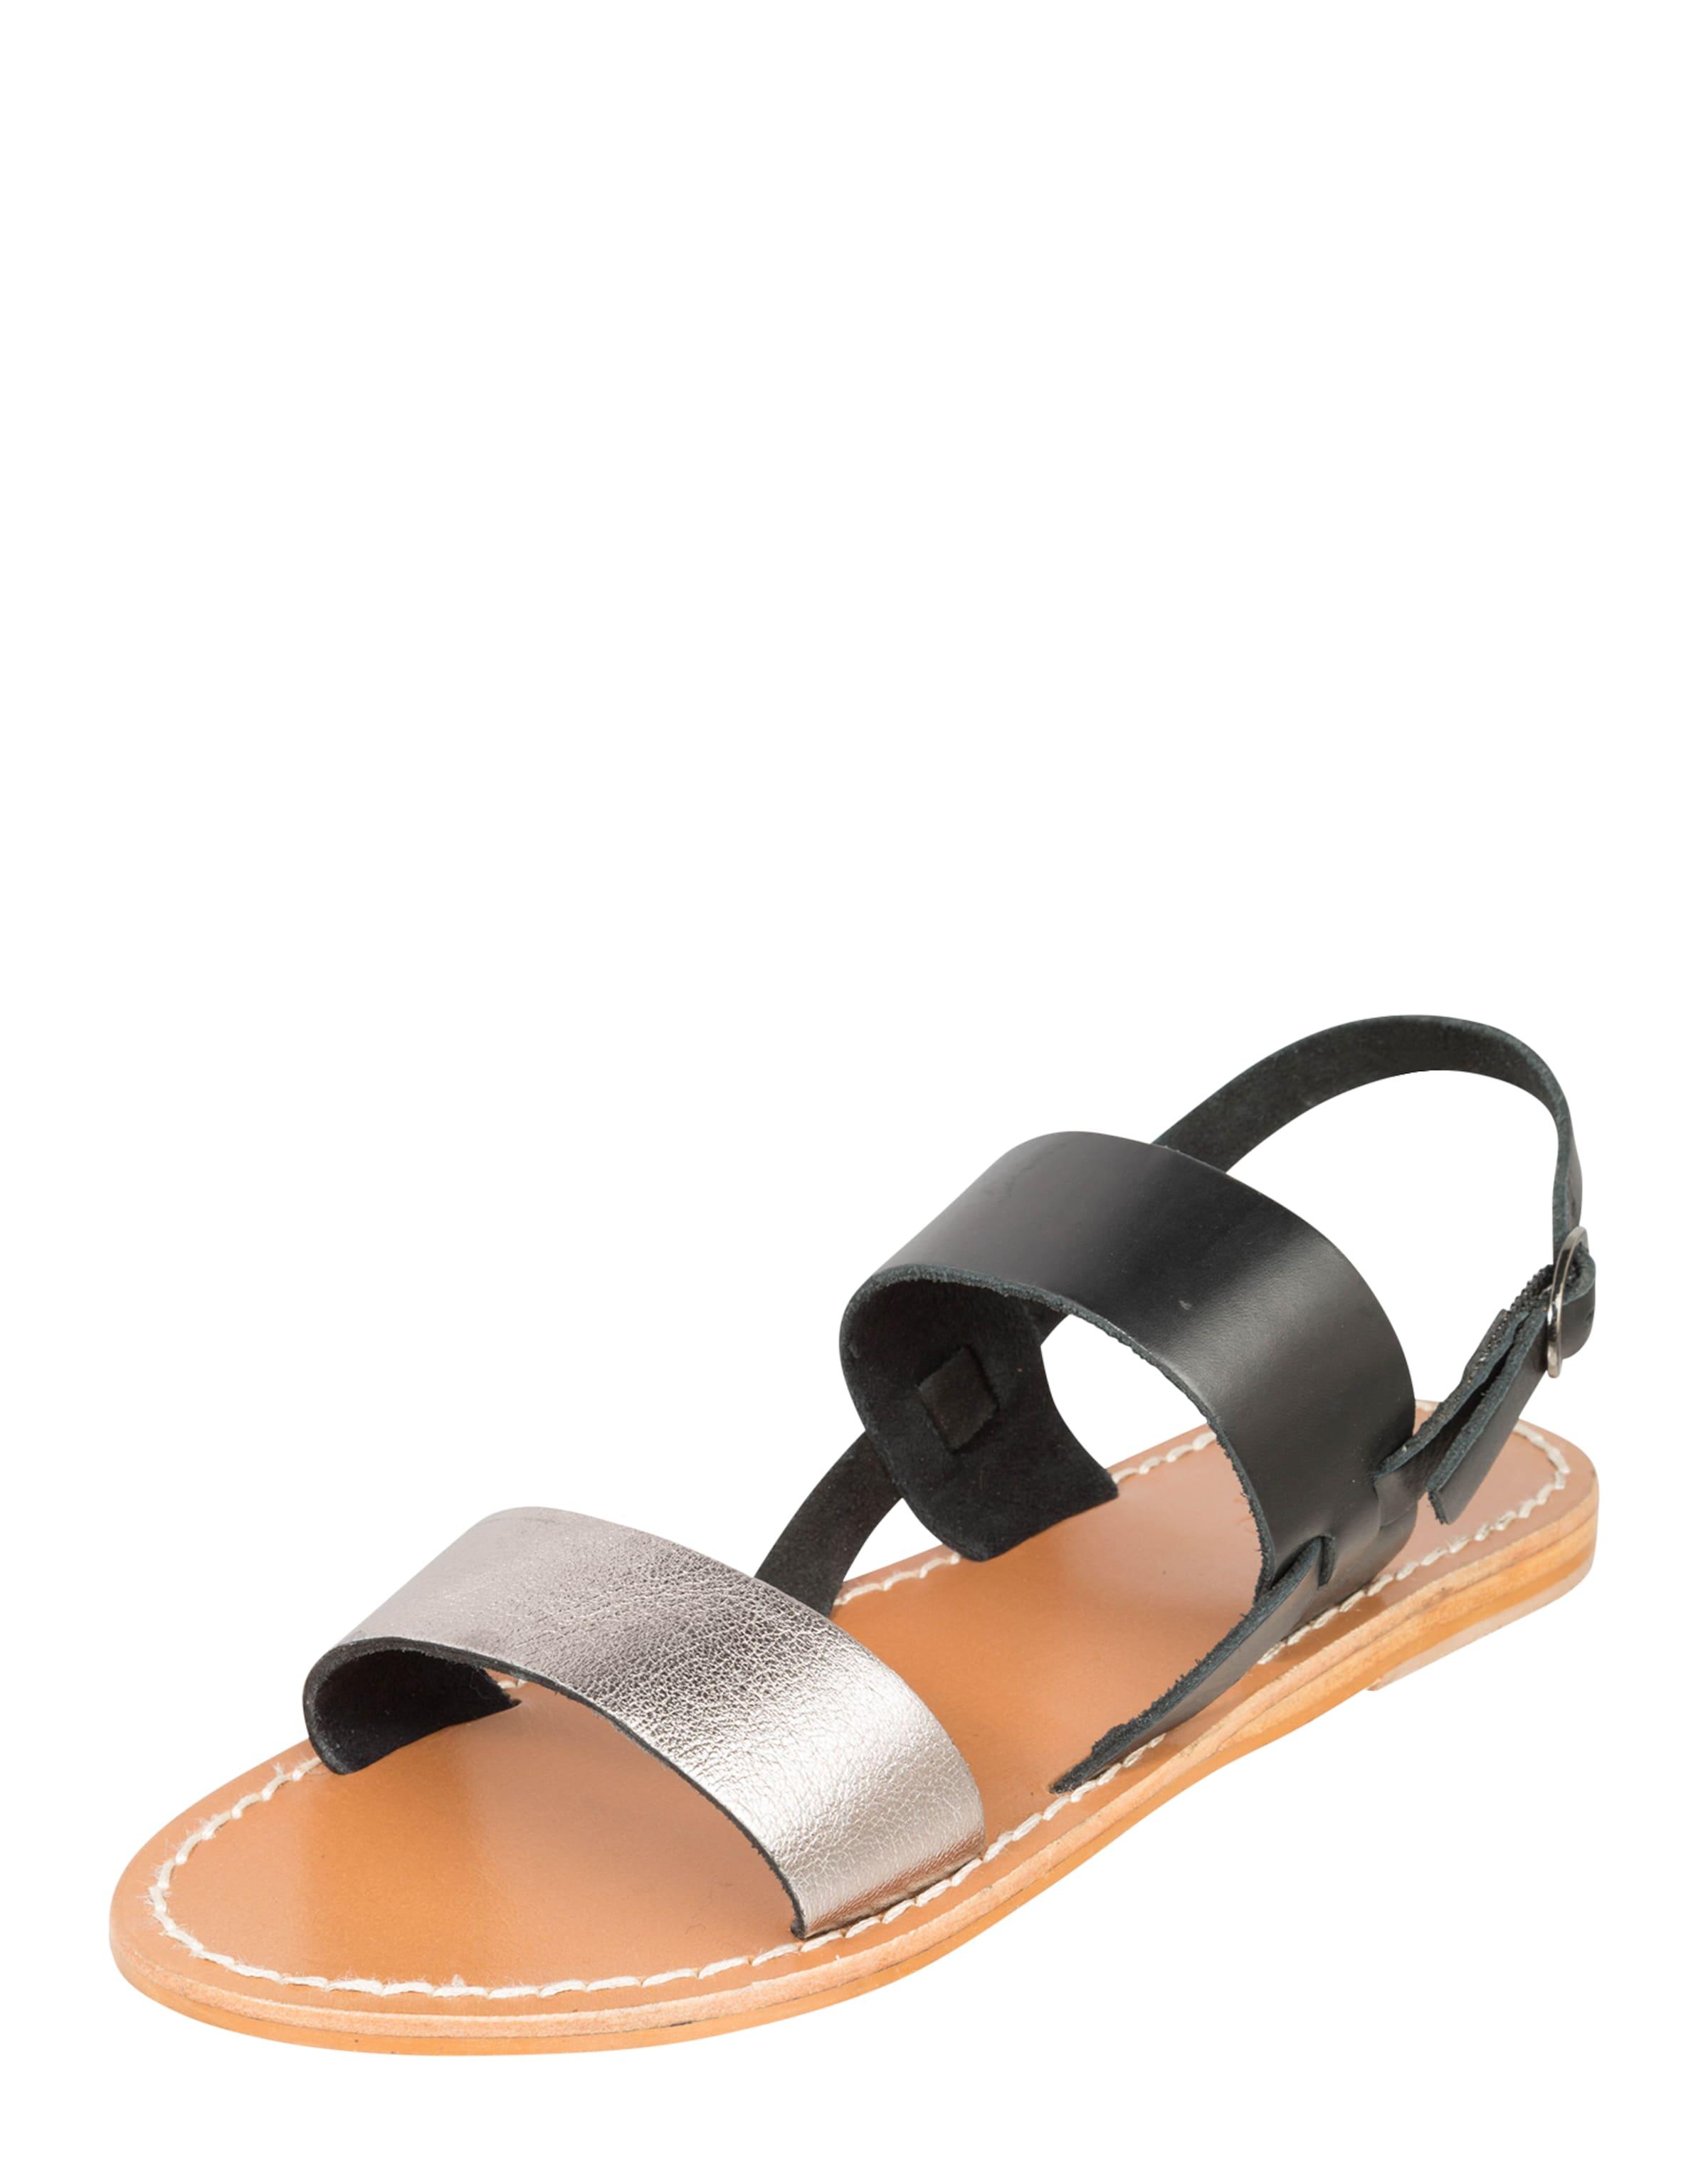 Günstige Online Günstig Kaufen Finden Große INUOVO Sandale mit Metallic-Riemen Verkaufskosten Billige Echte Billig Verkauf Vermarktbare cjt0MA9Sq